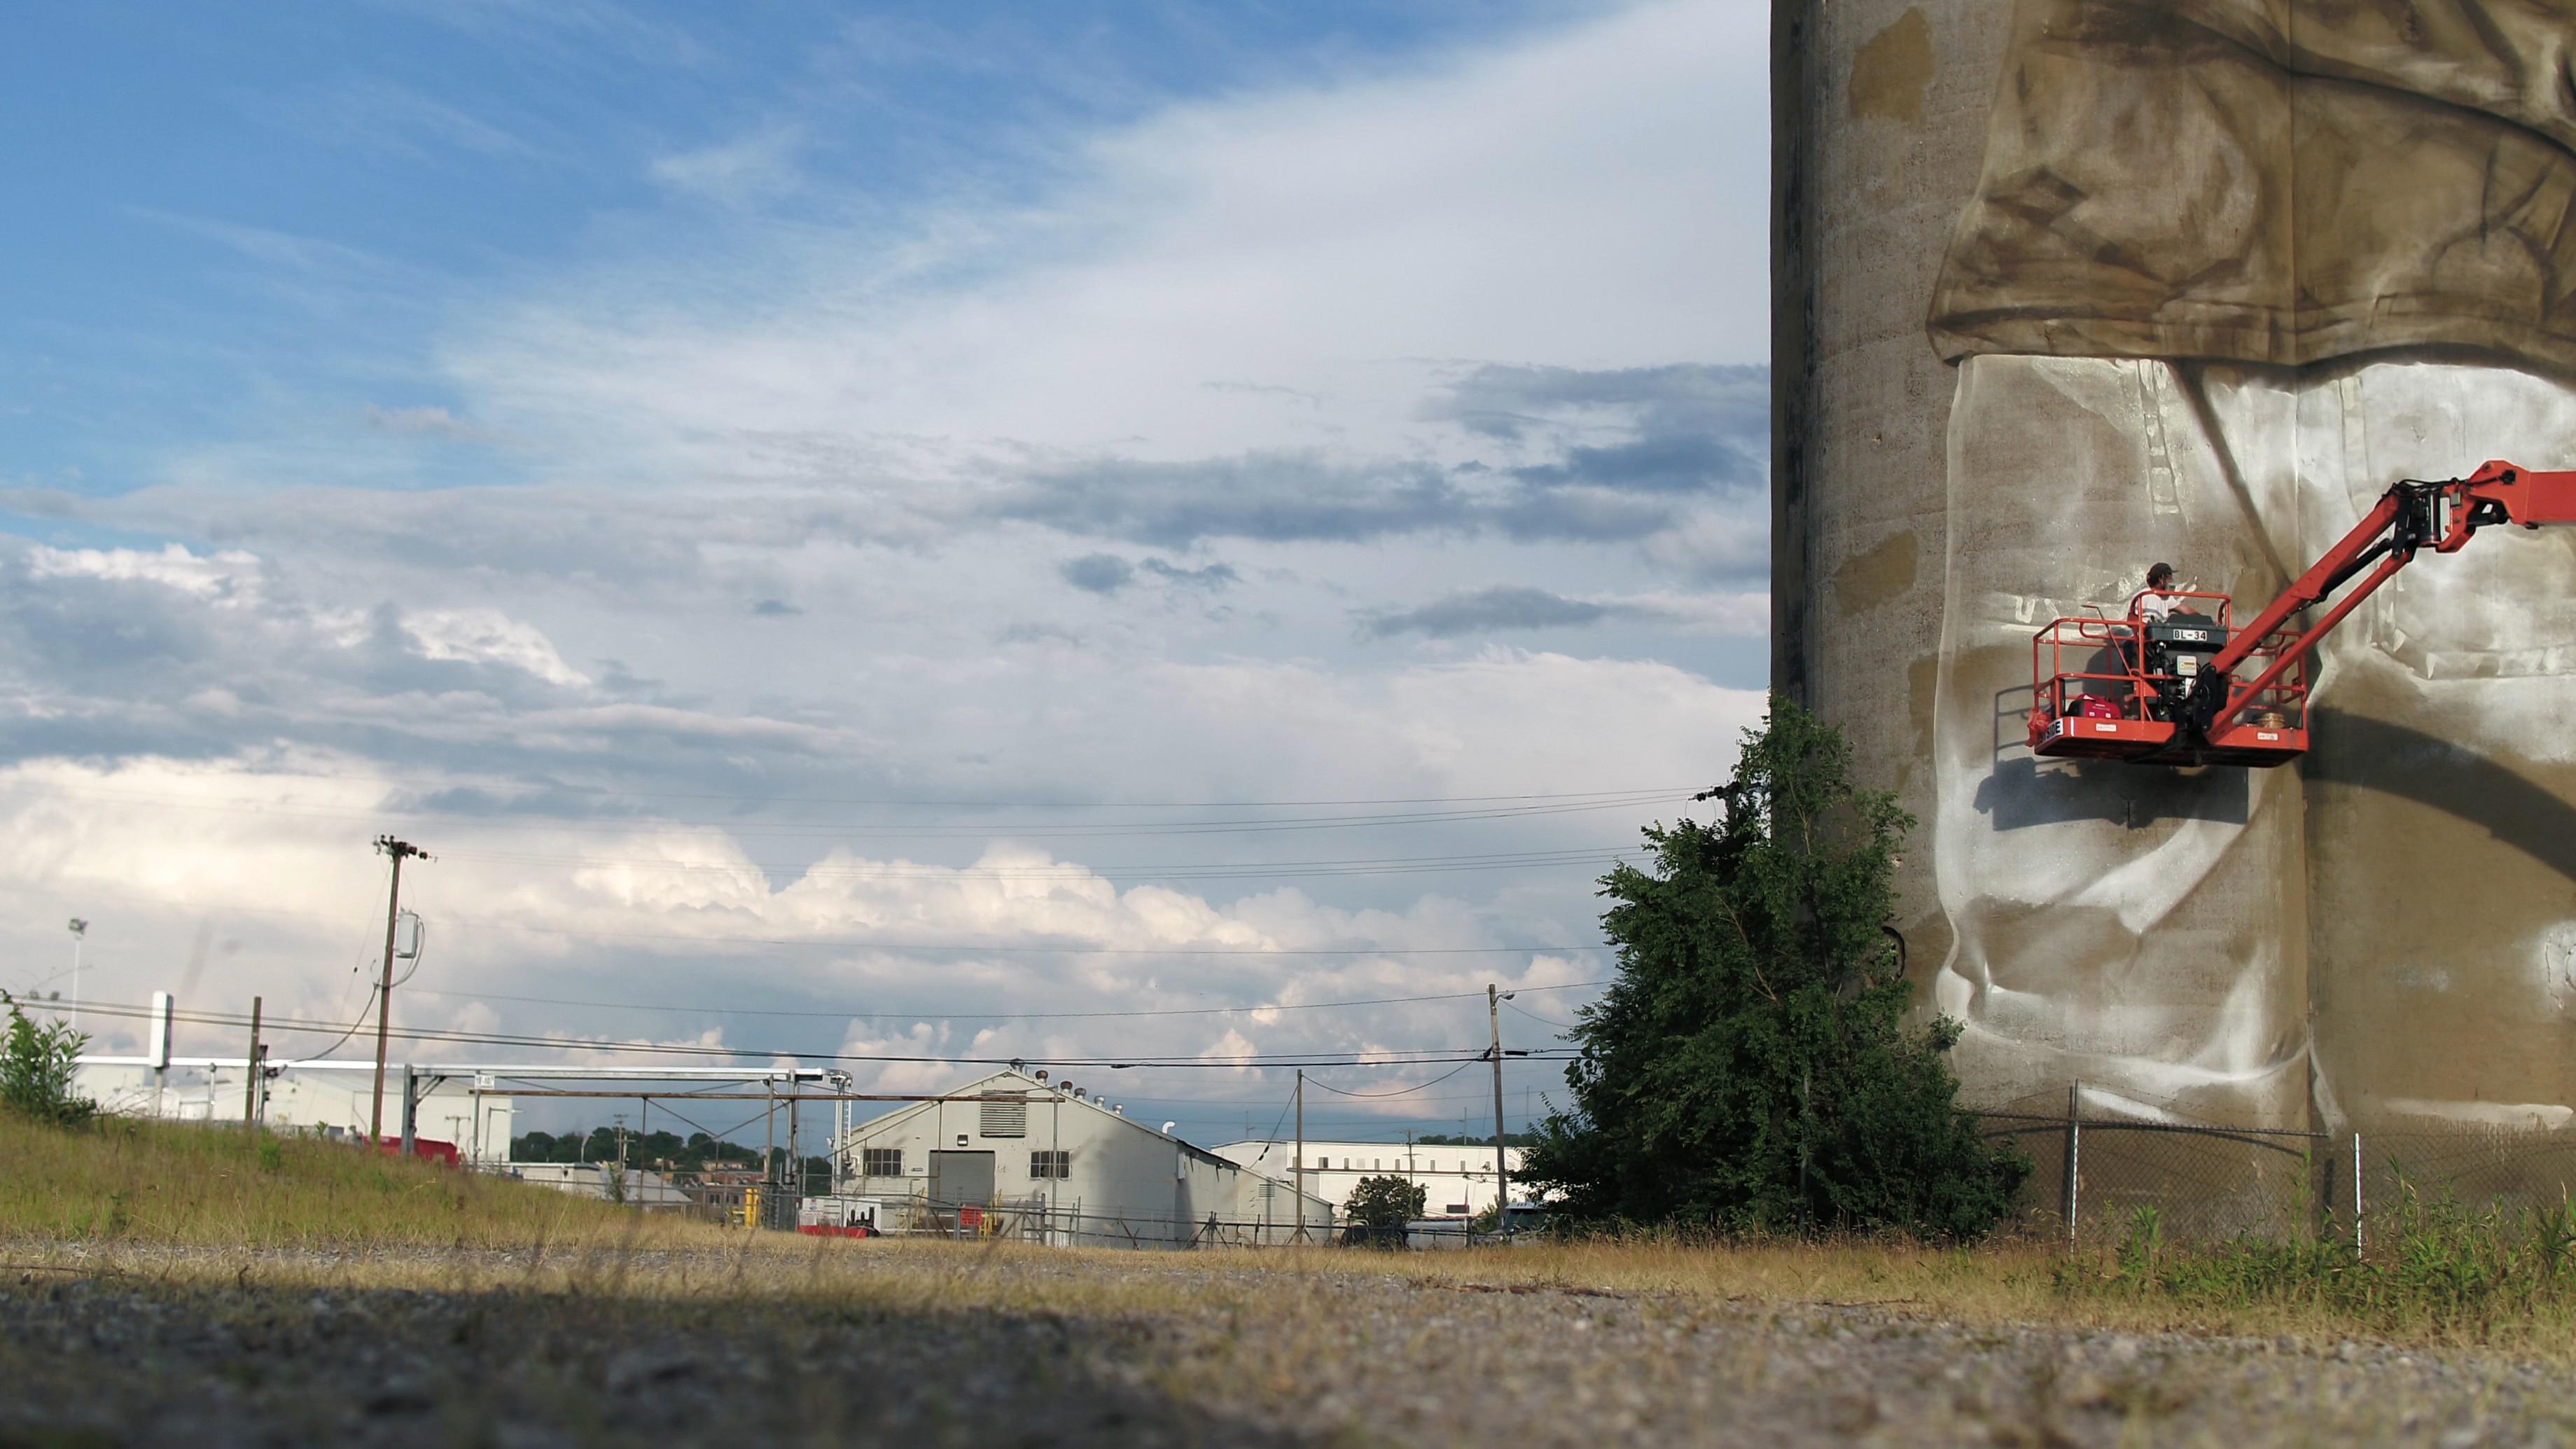 Guido van Helten in Nashville, USA Artes & contextos 8 2